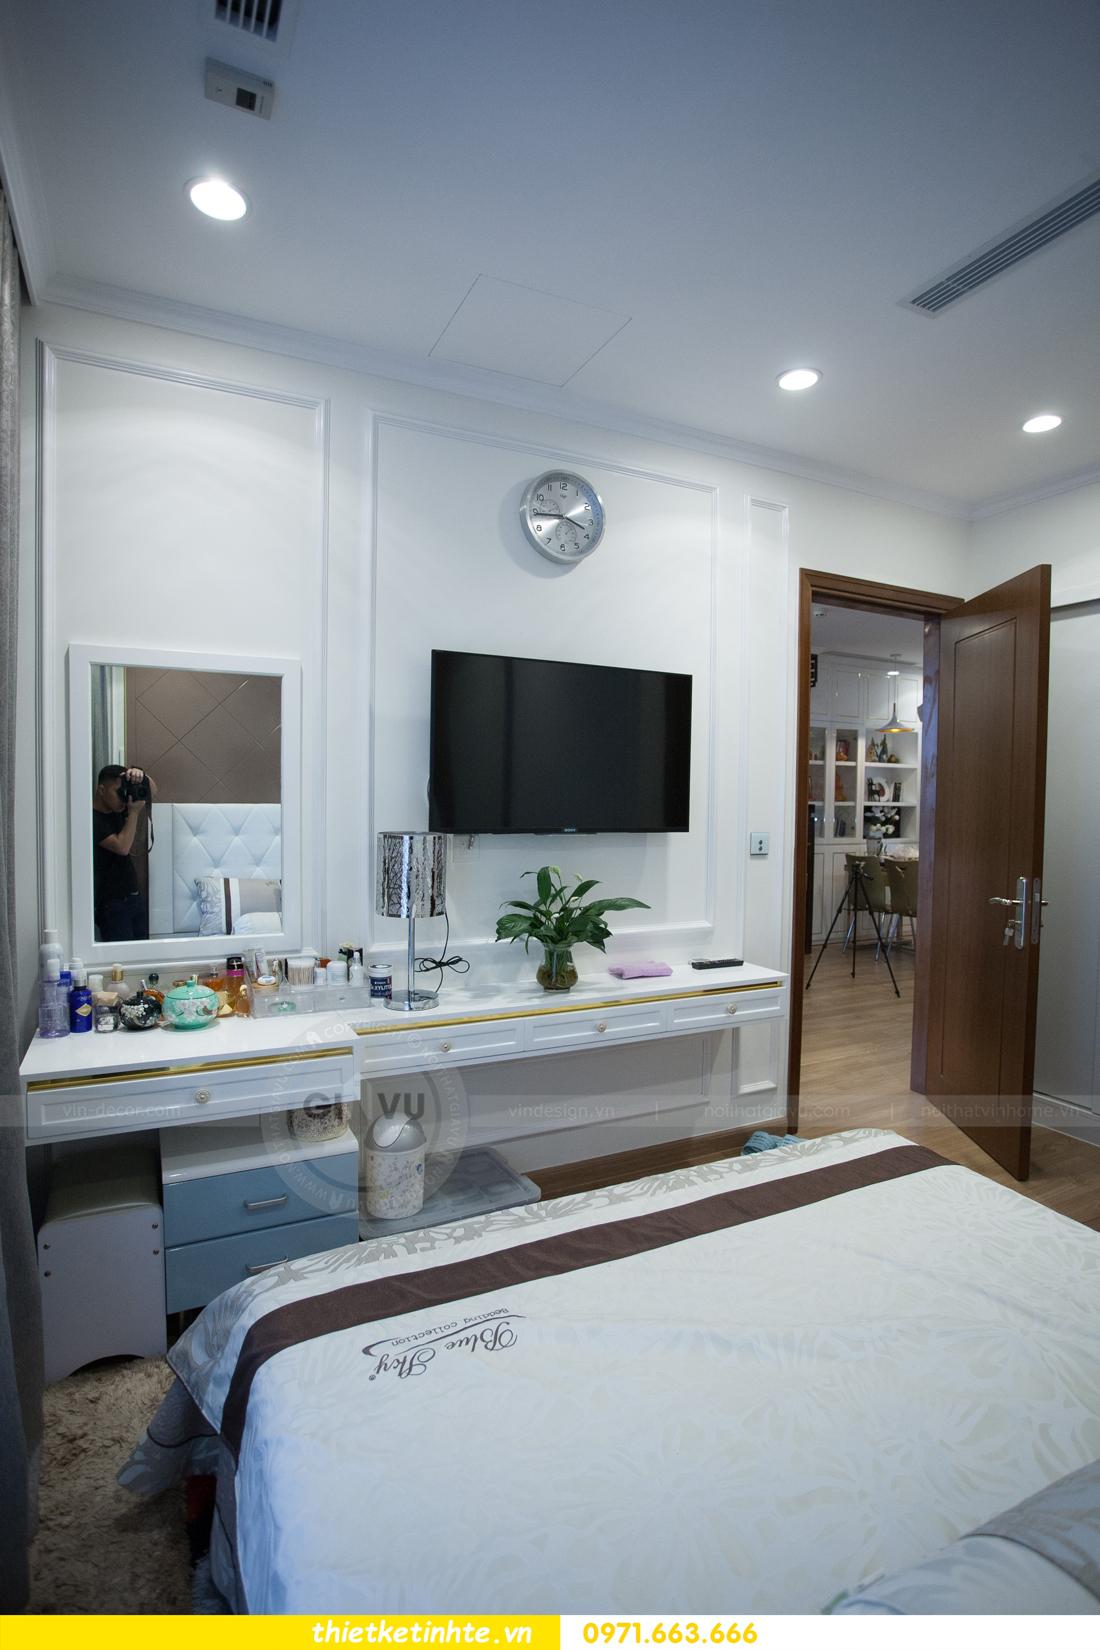 thi công nội thất chung cư D Capitale chuyên nghiệp chất lượng 10